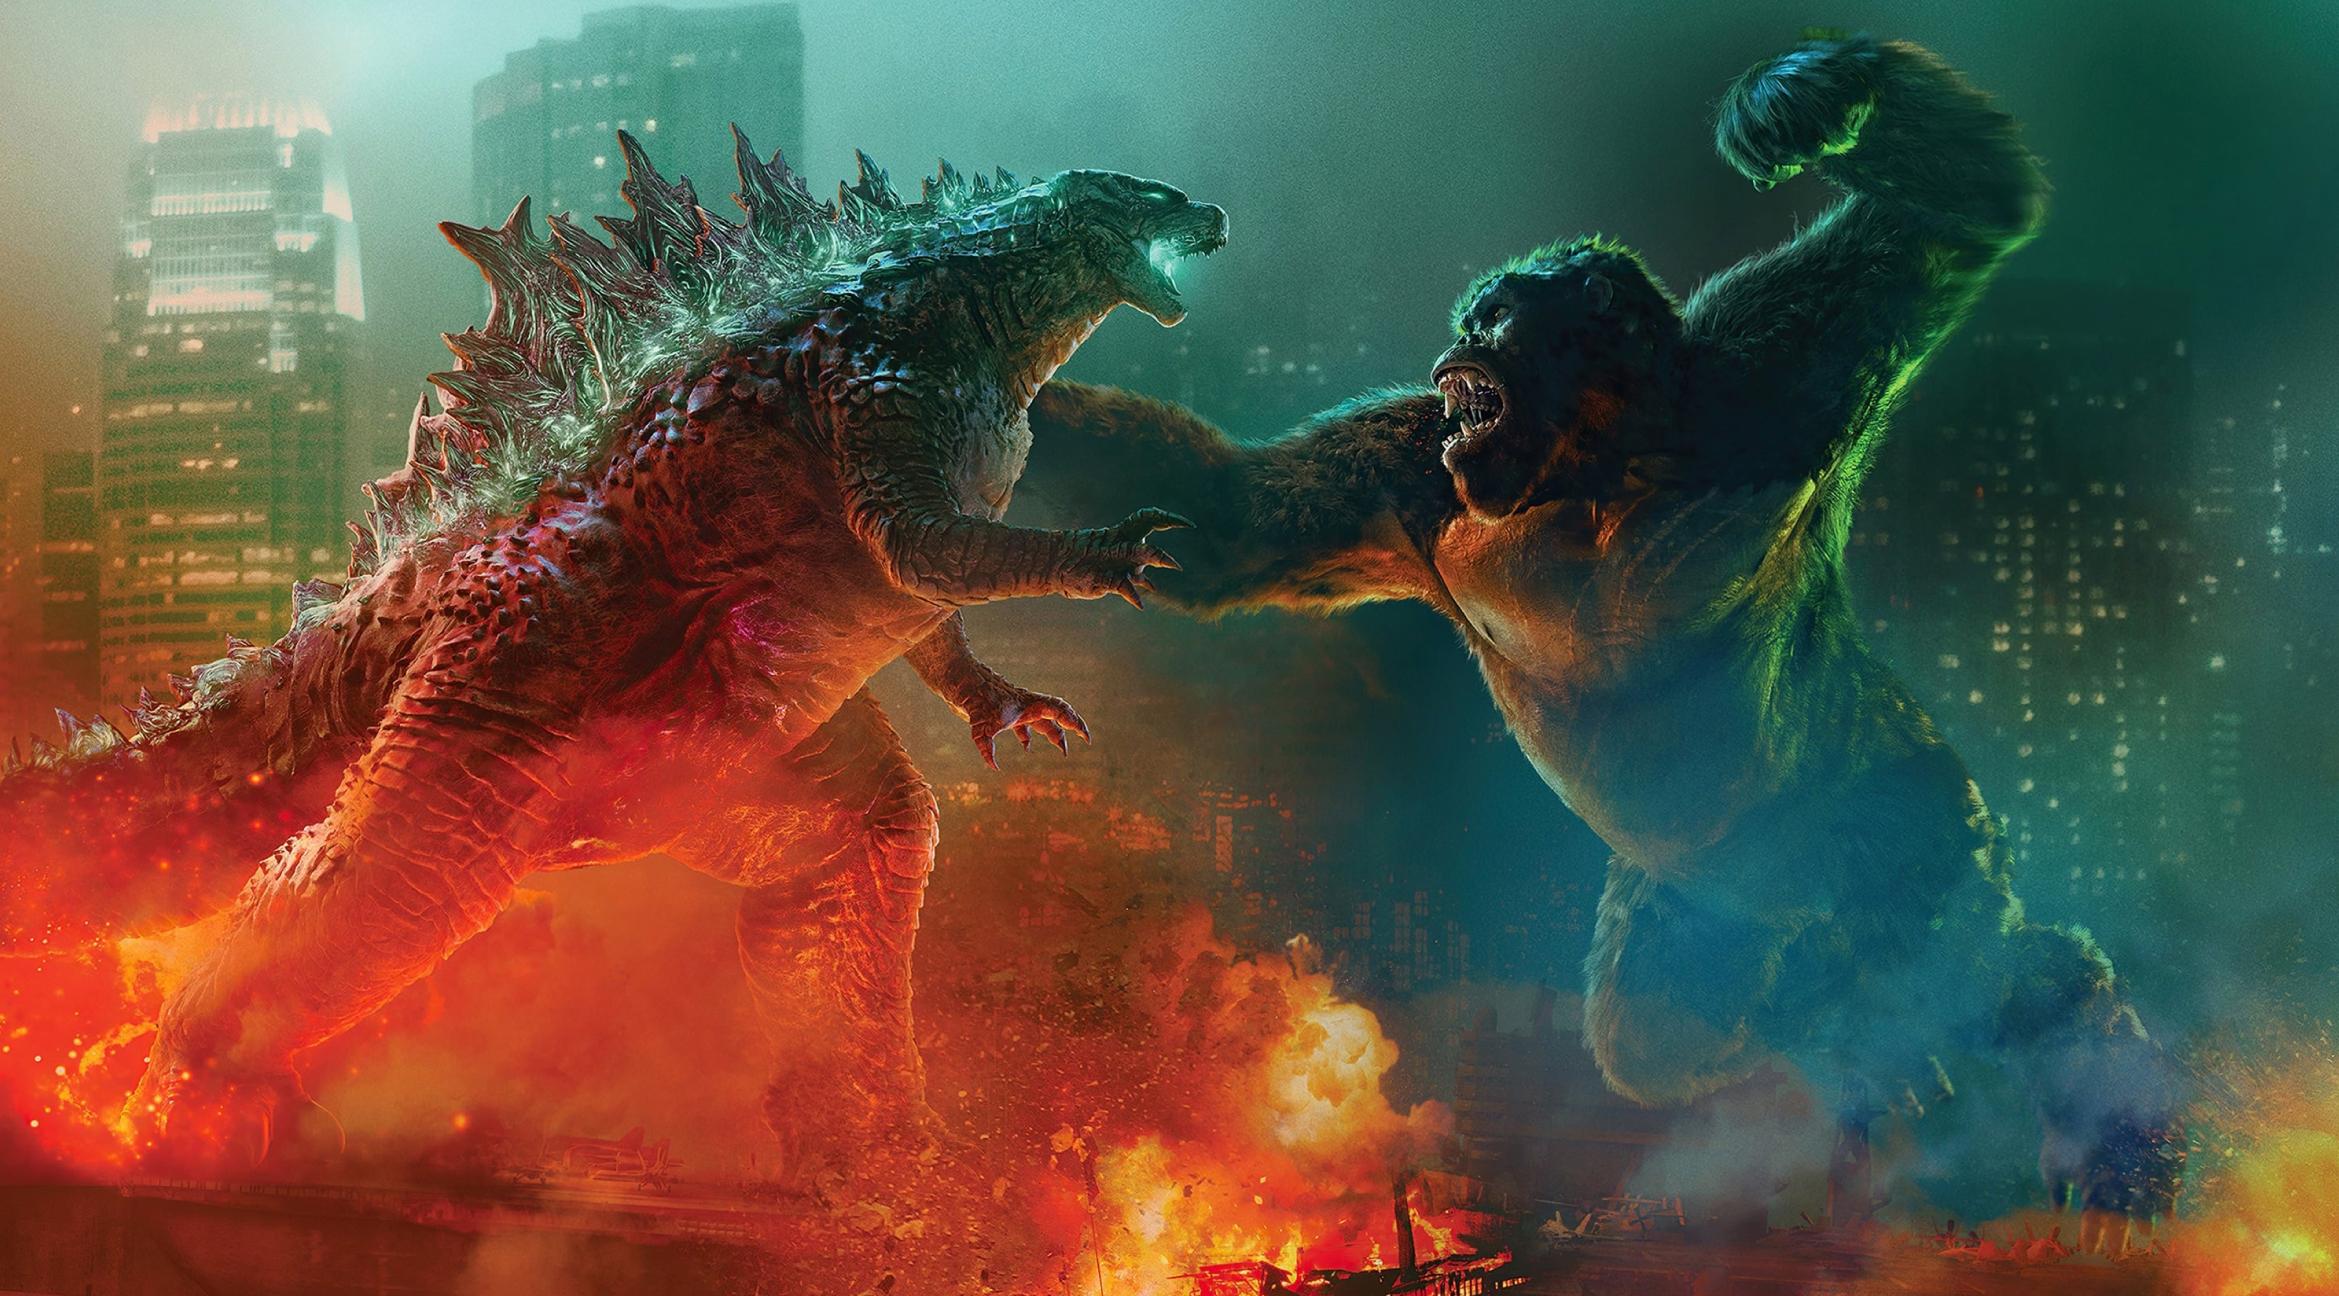 Formación tradicional vs. Formación digital explicada con Godzilla vs Kong